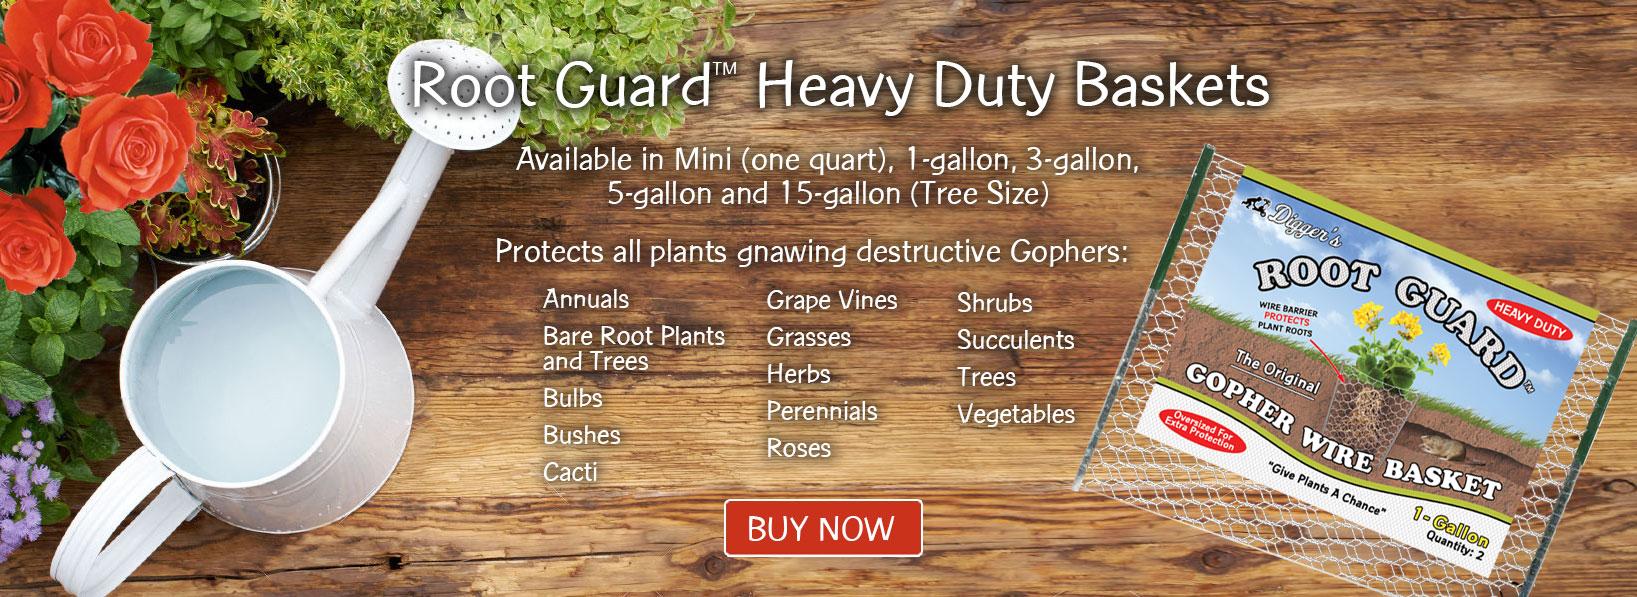 Root Guard Heavy Duty Baskets